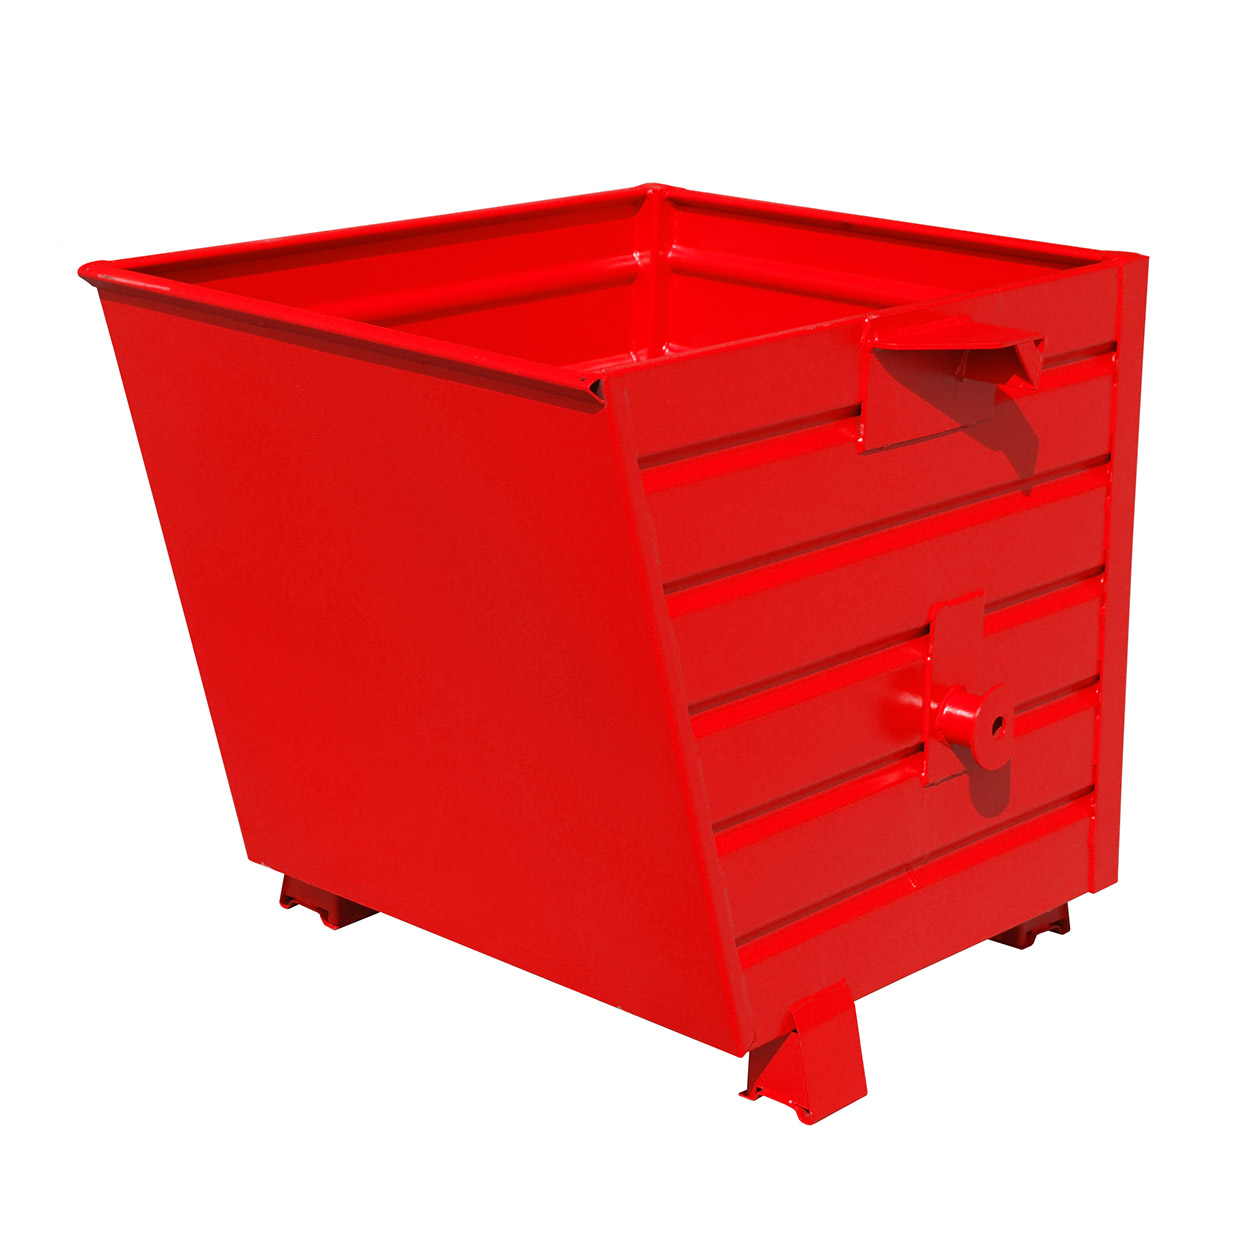 Stohovatelný kontejner TRV